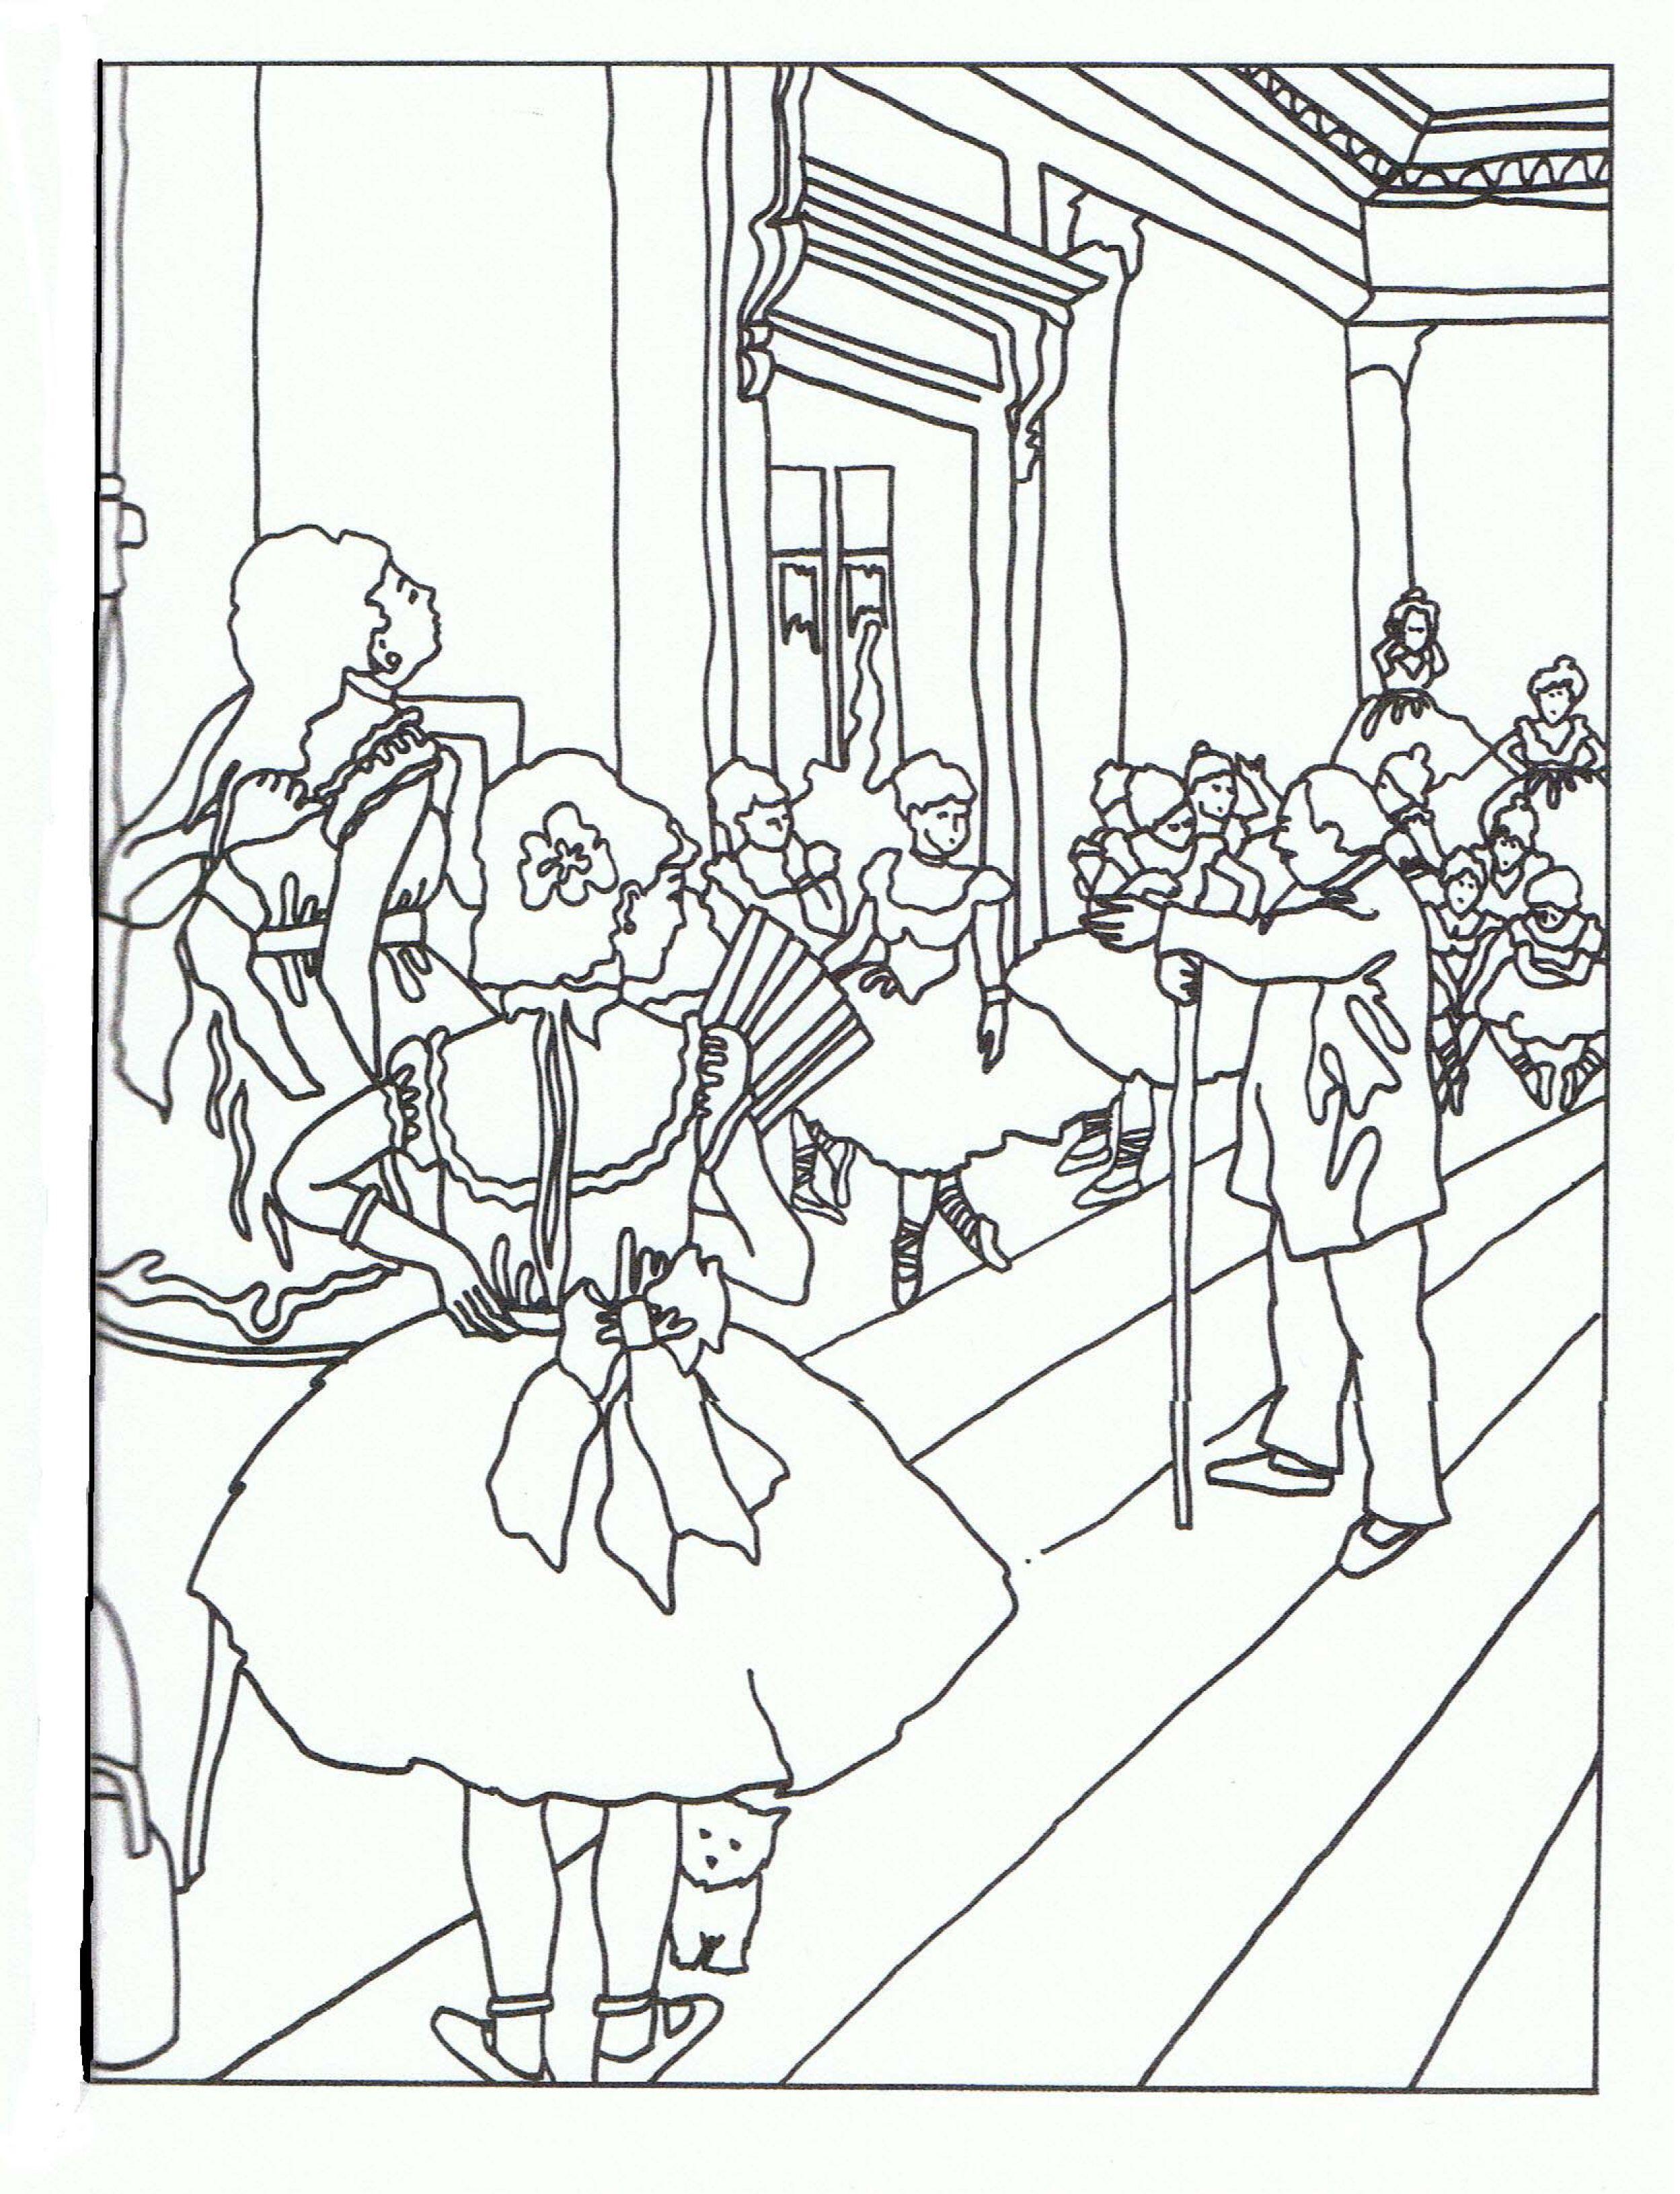 La clase de baile Degas | Para colorear e ilustrar | Pinterest ...